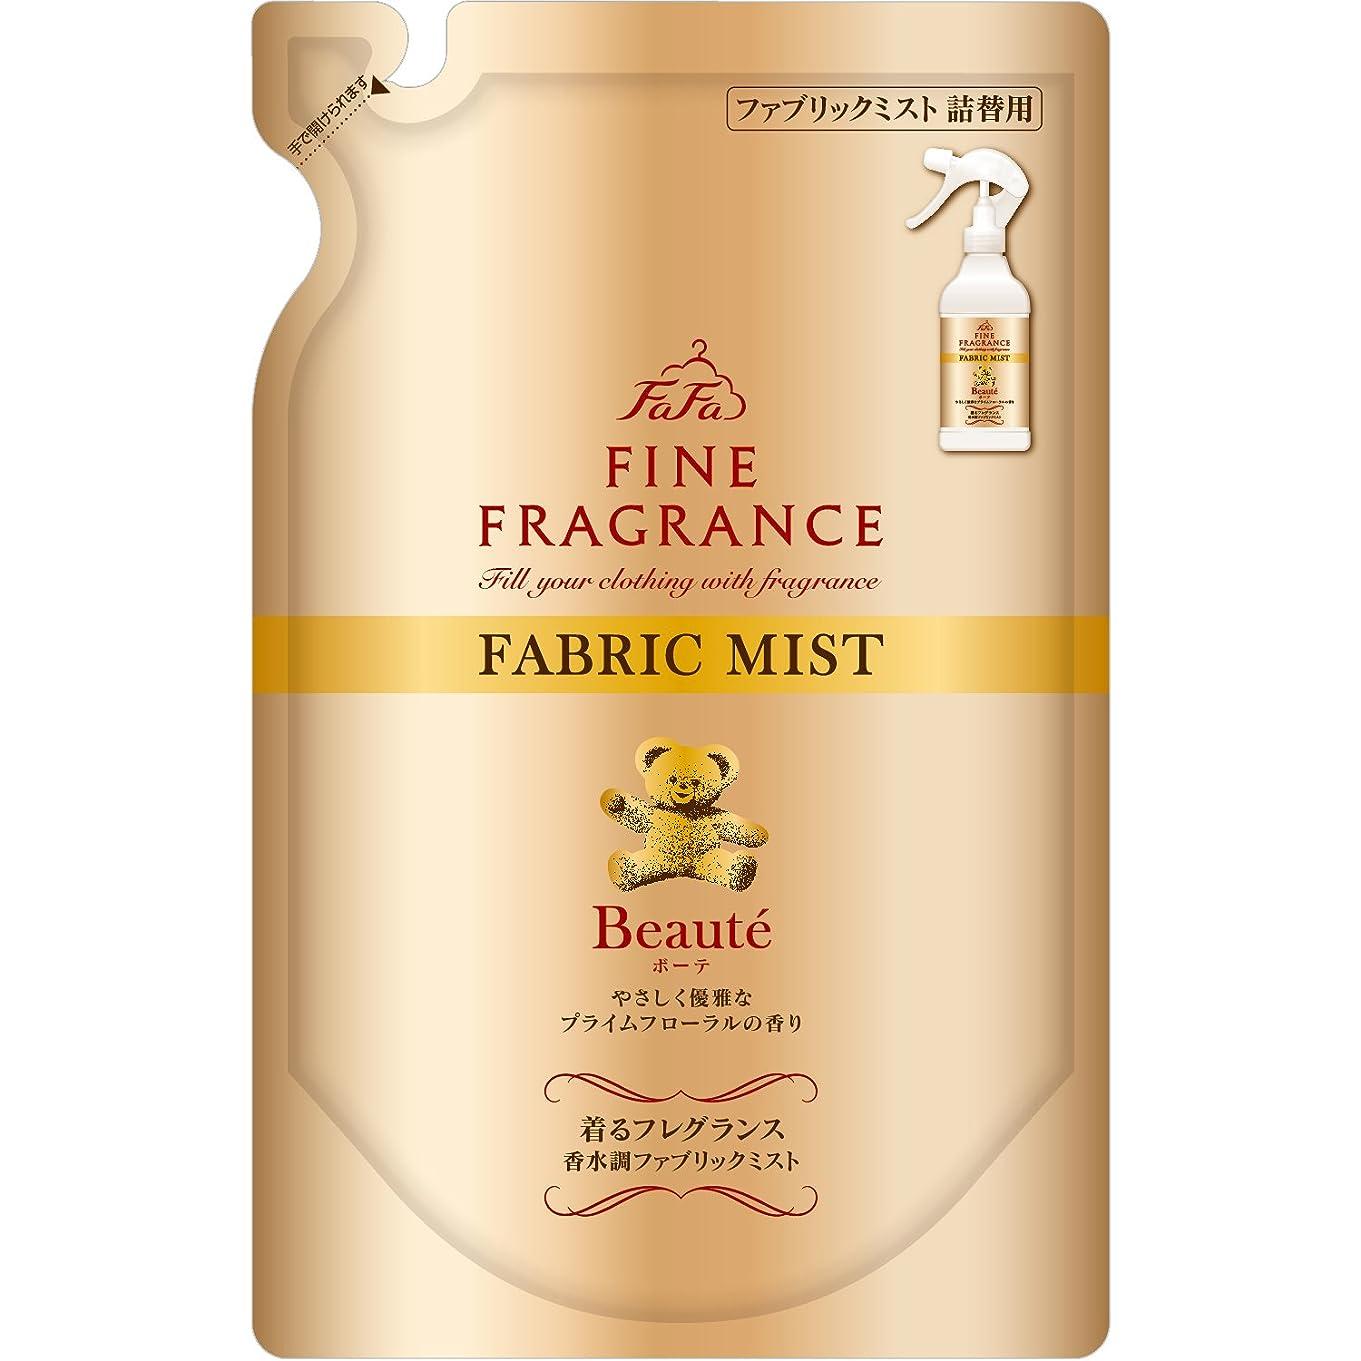 命令的首相おもてなしファーファ ファインフレグランス ファブリックミスト 消臭芳香剤 布用 ボーテ 香水調プライムフローラルの香り 詰替 230ml